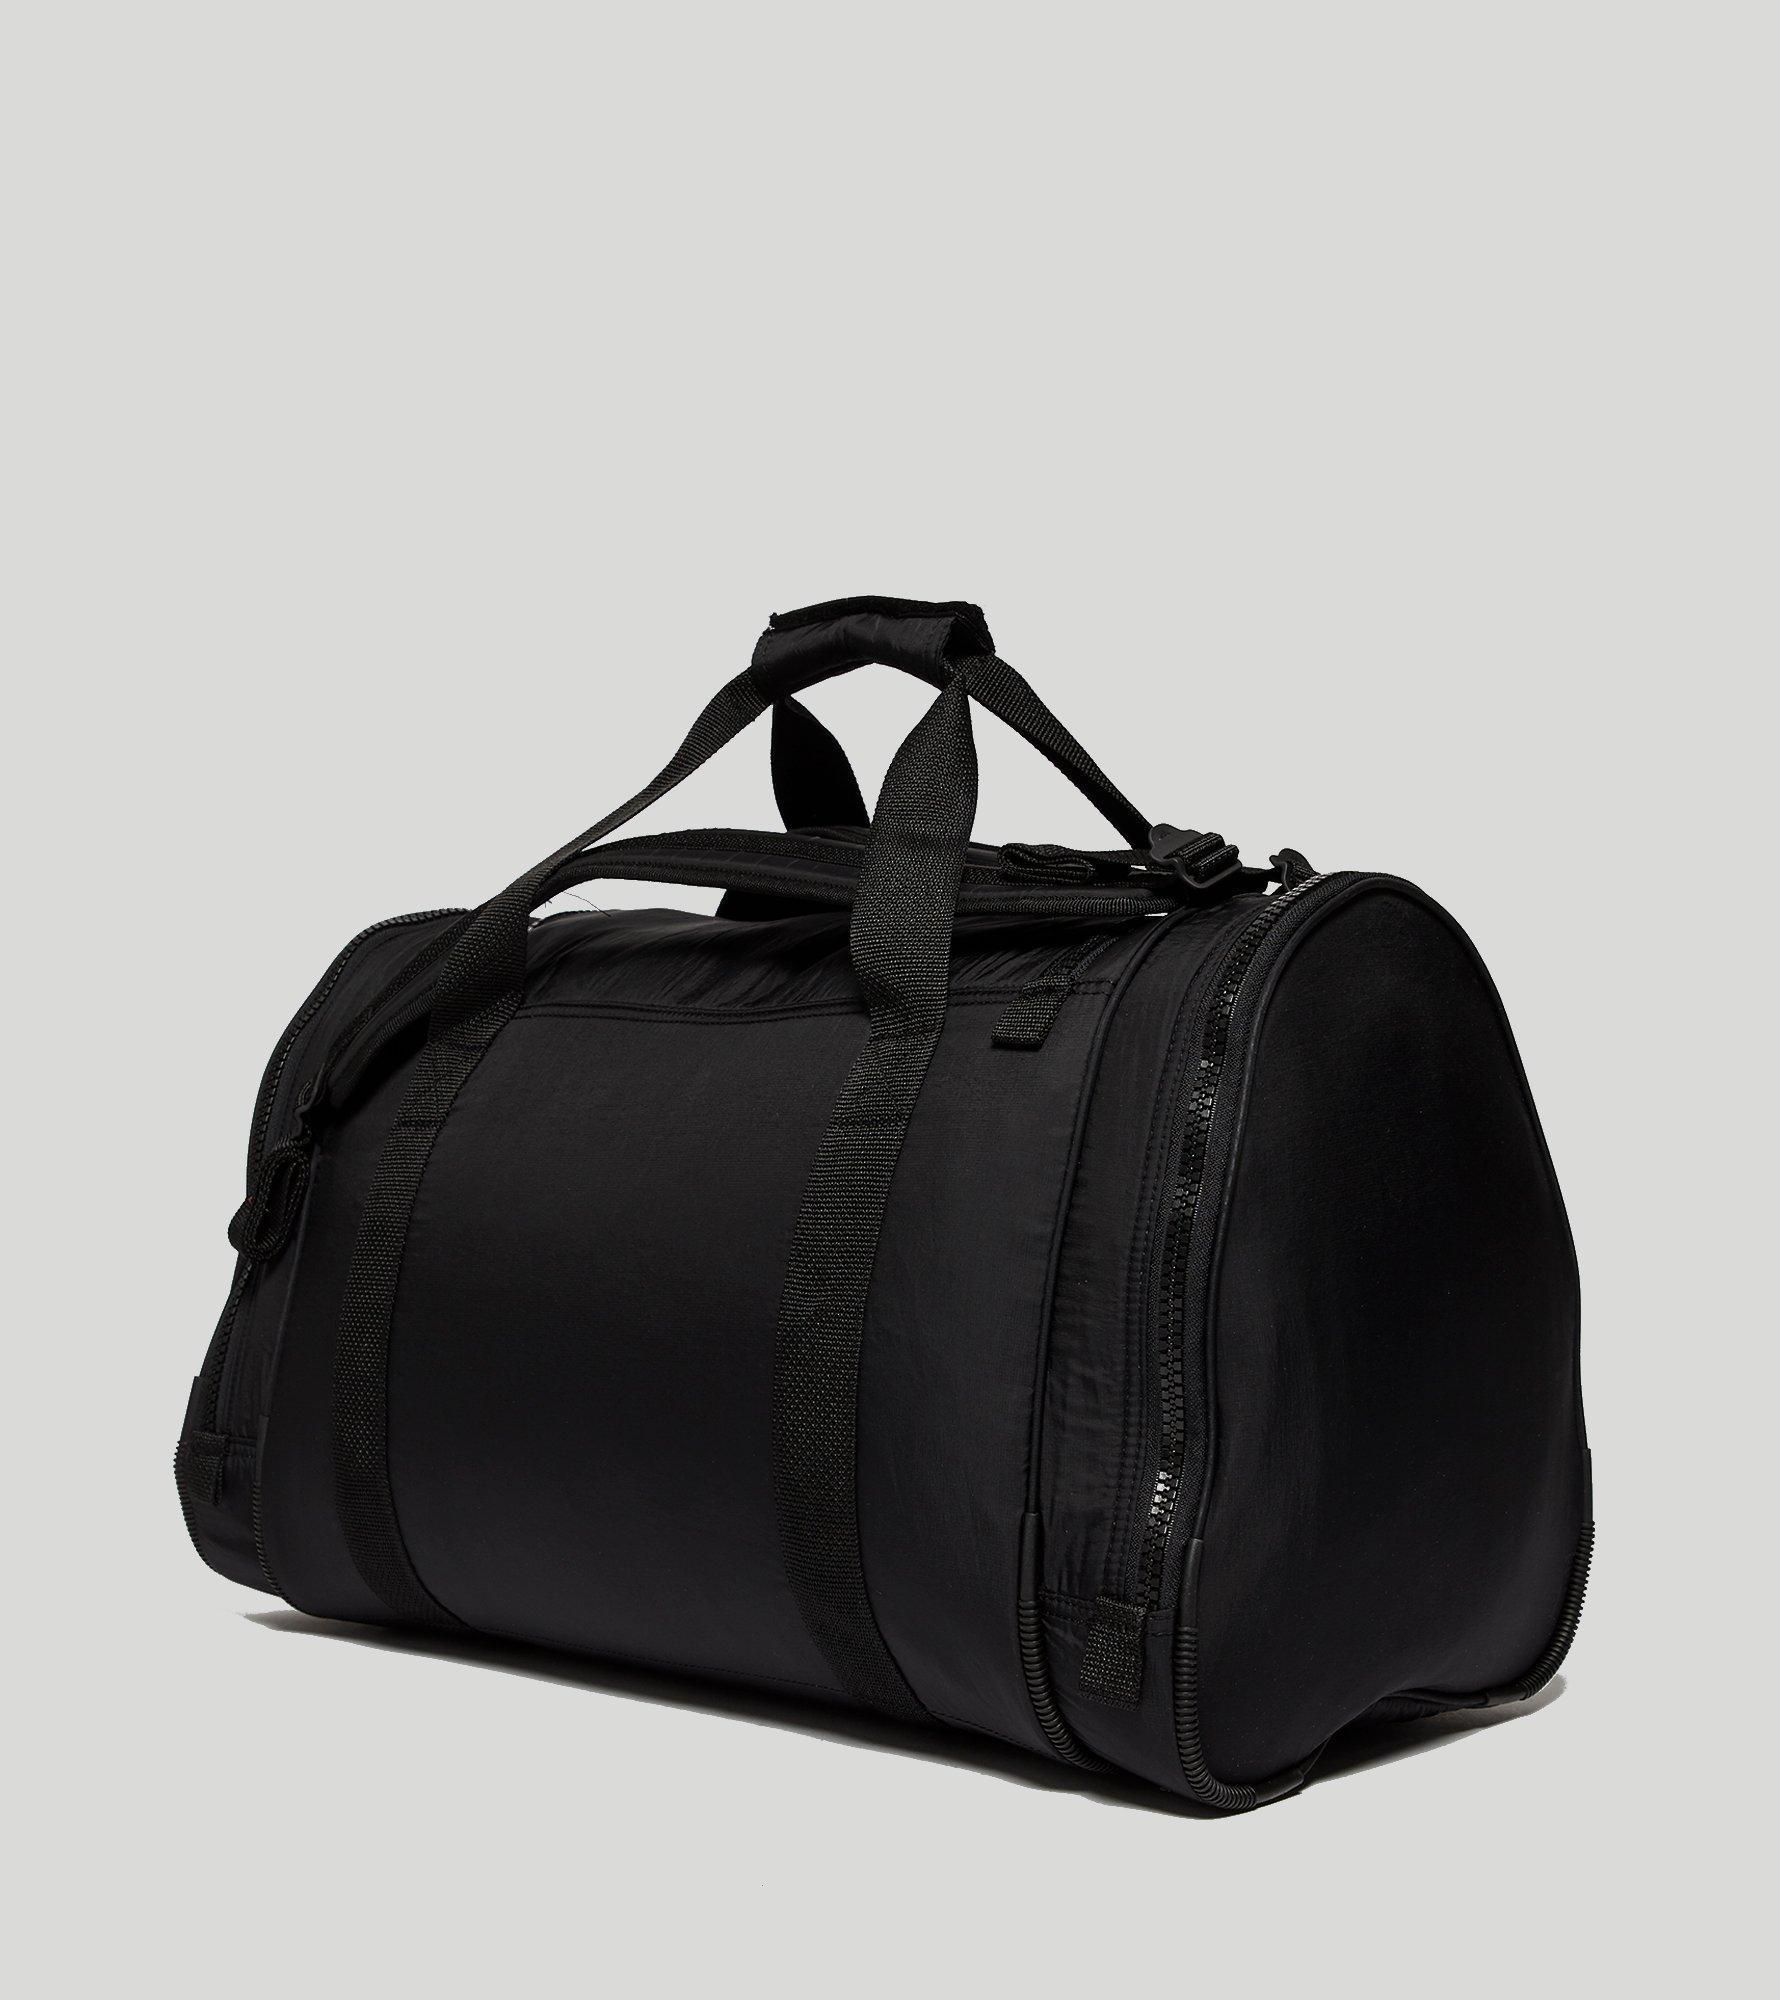 4f6c8815782b Lyst - adidas Originals Eqt Holdall Bag in Black for Men